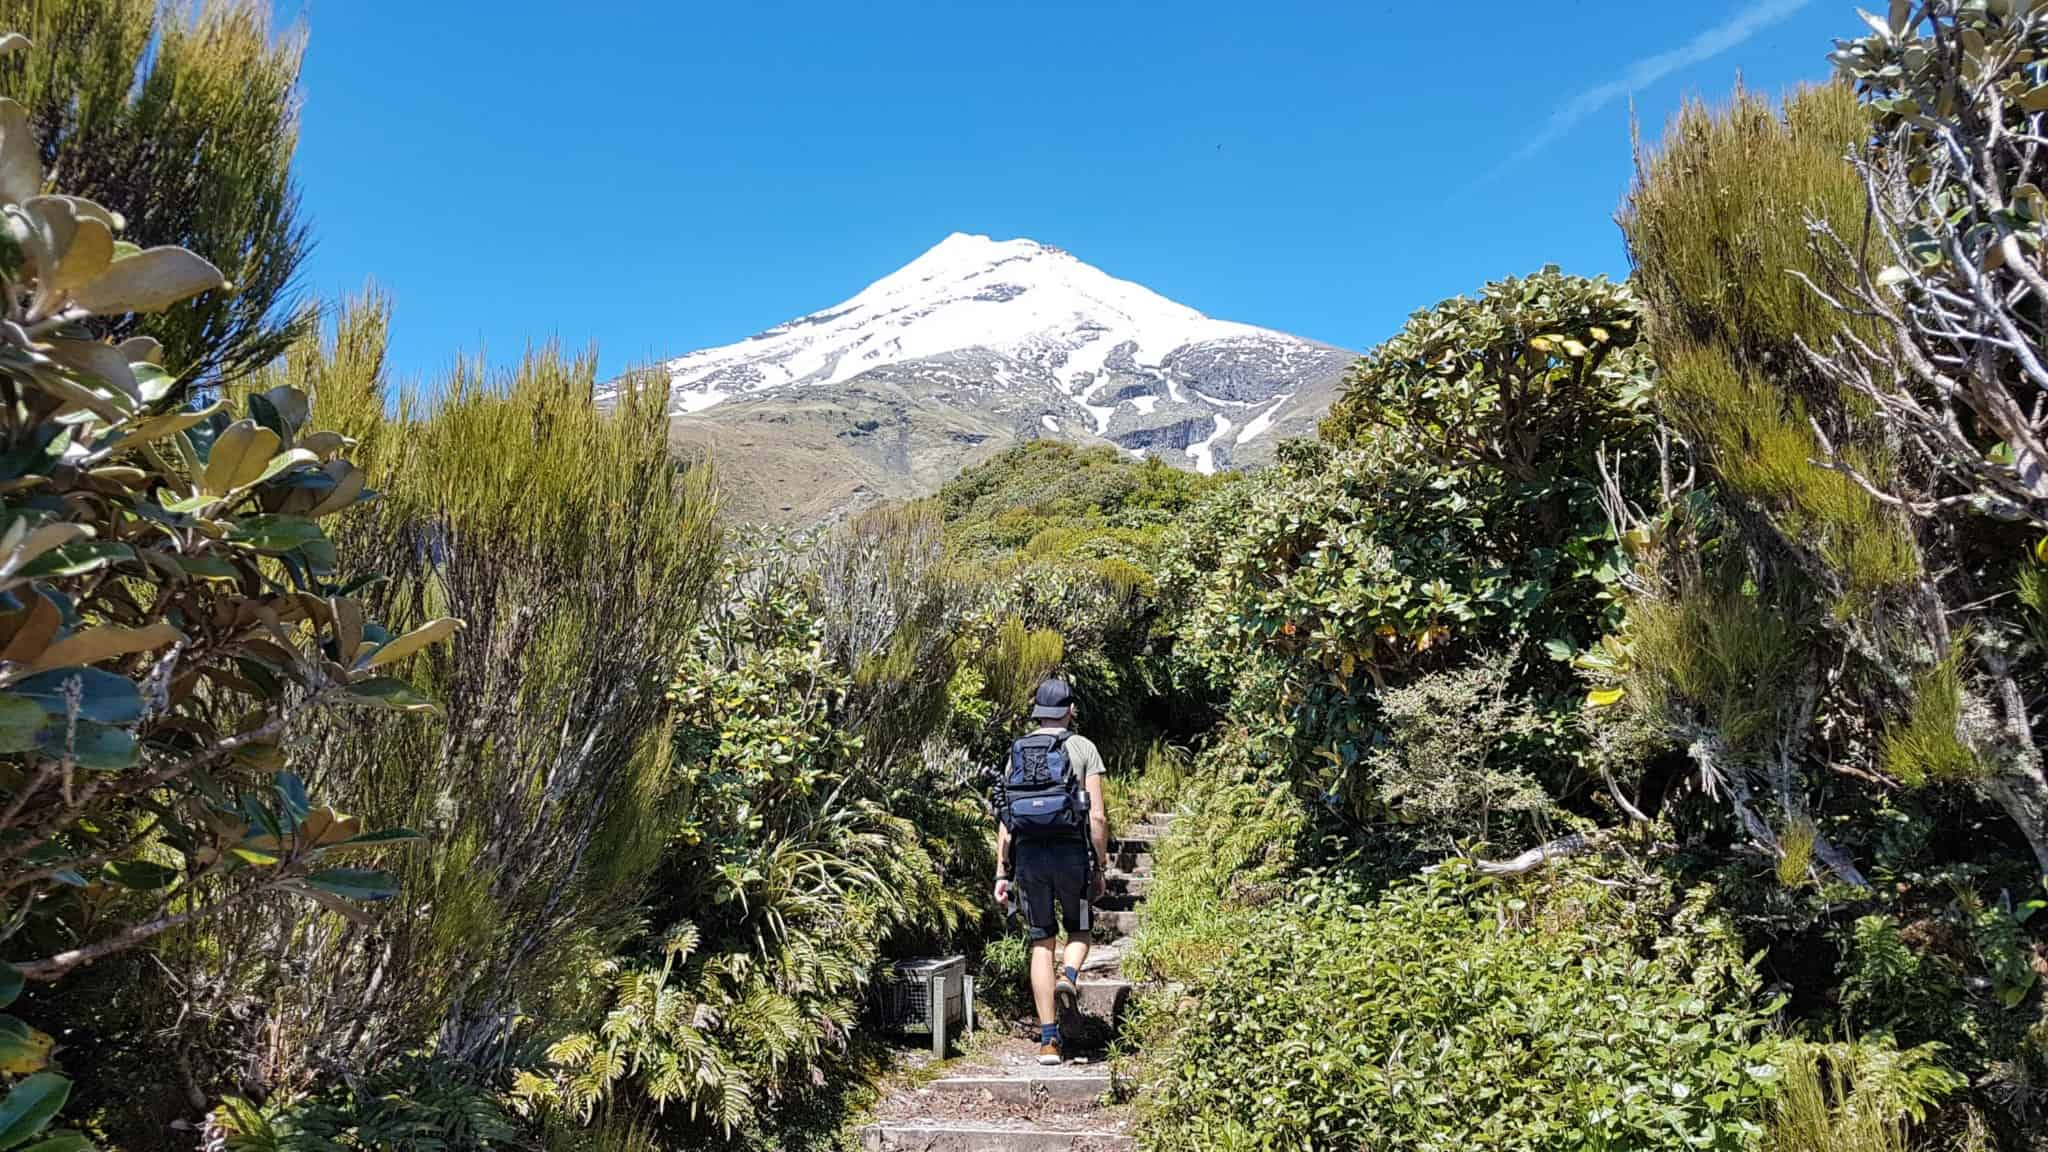 Nouvelle-Zélande, rando Holly Hut Track avec vue sur le Mont Taranaki ❤ 4